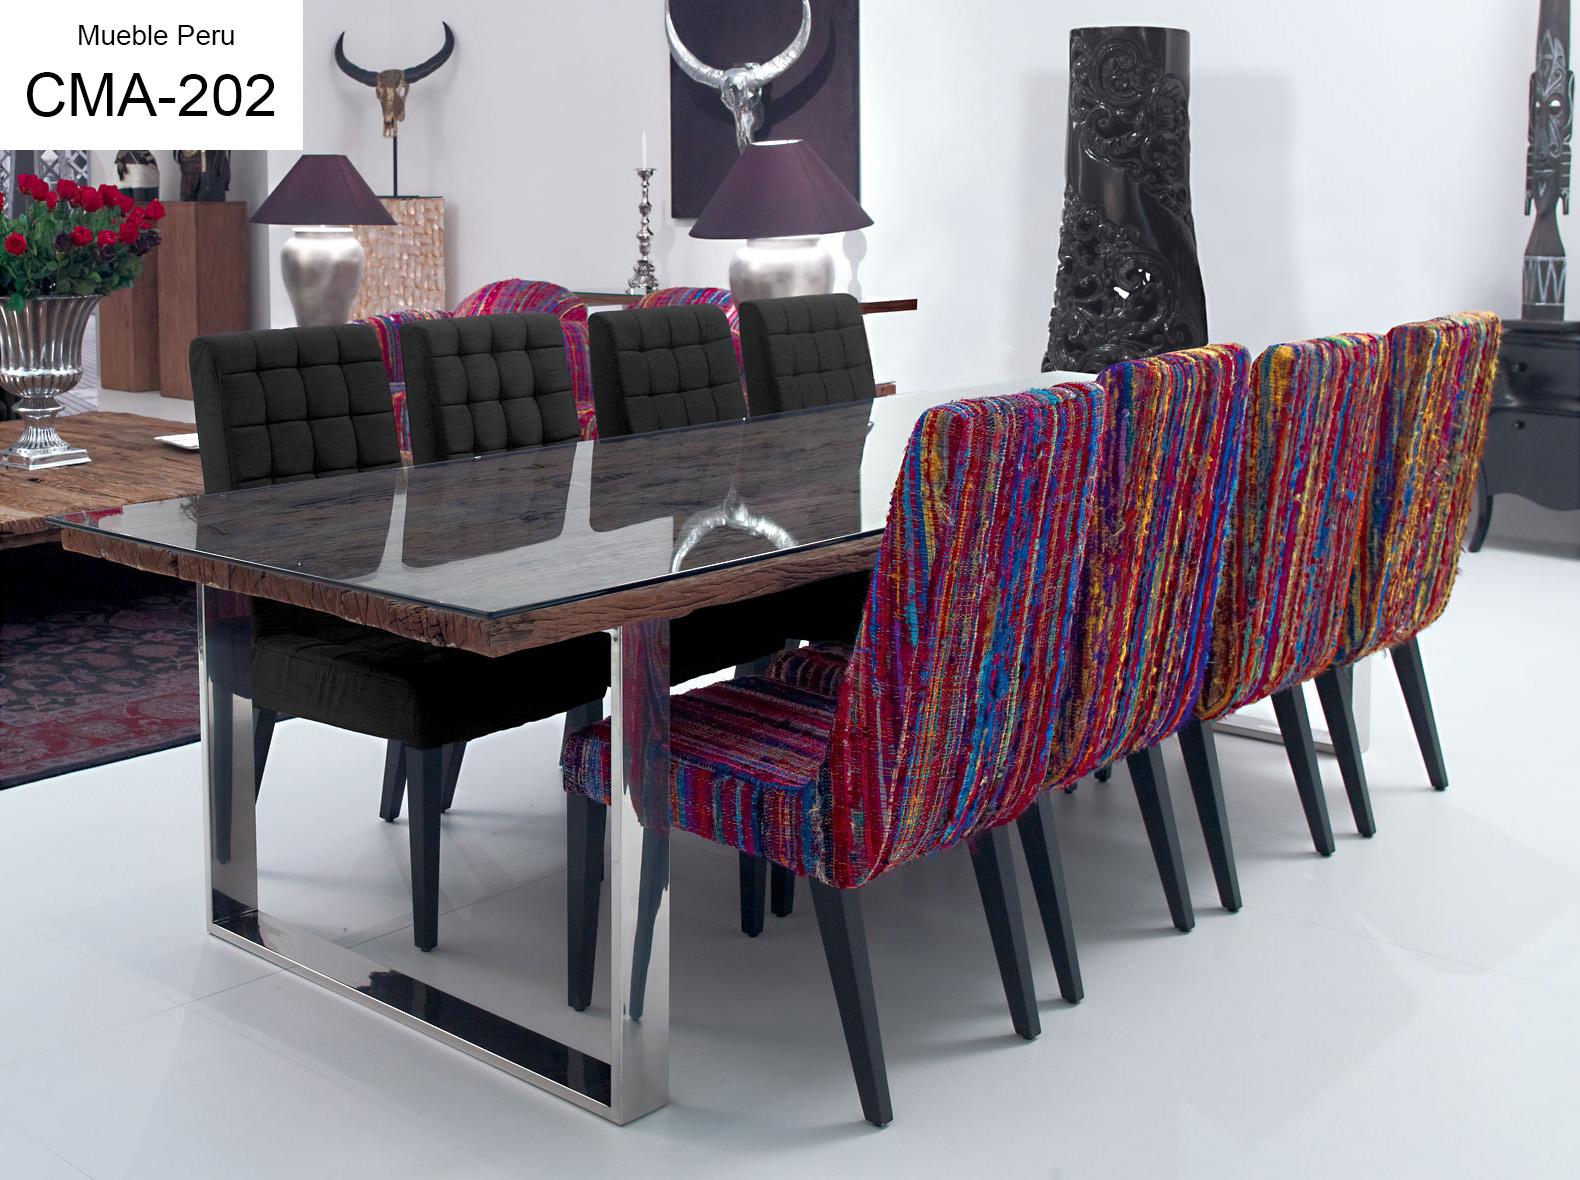 Comedores muebles per modernos juegos de comedor for Muebles maldonado